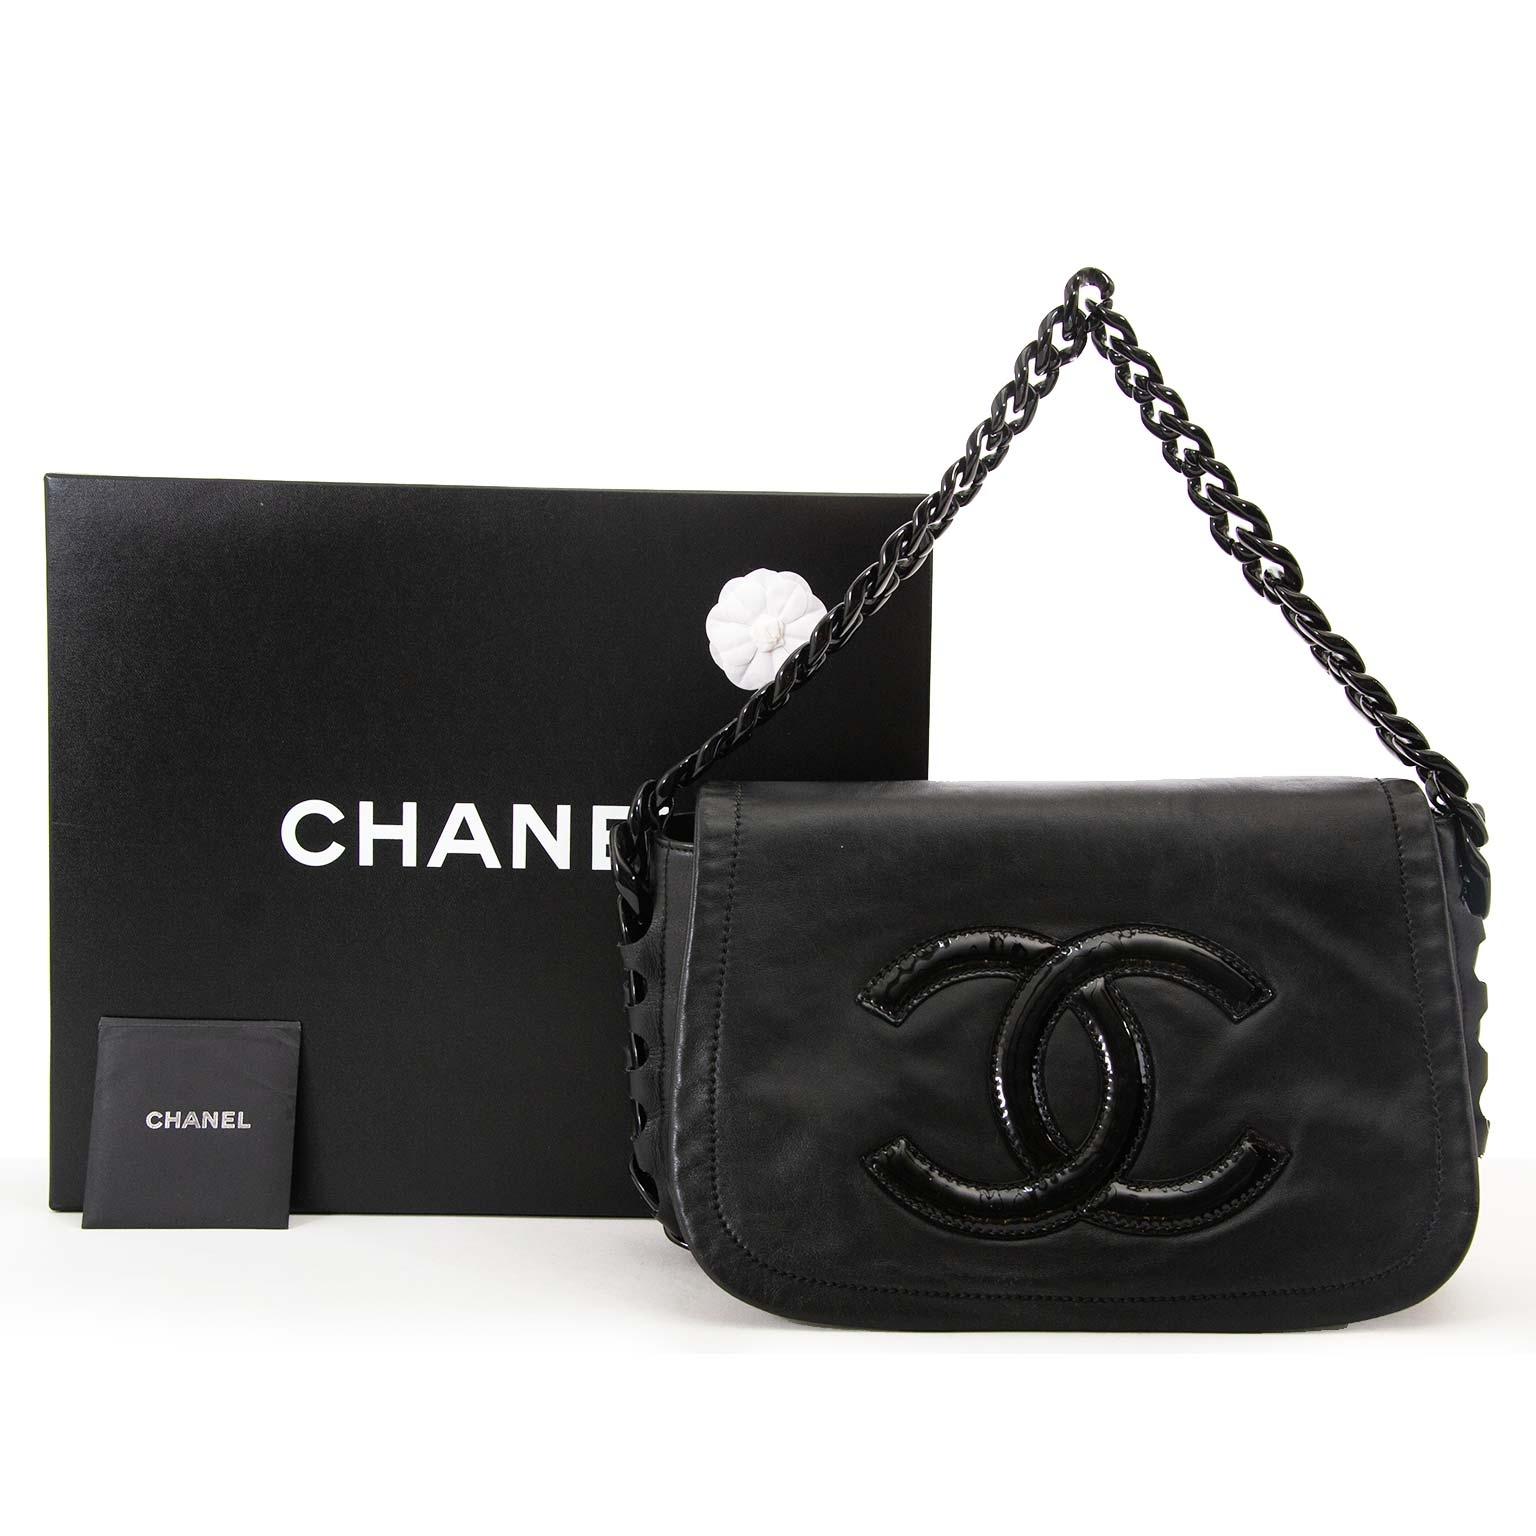 Online At Labellov Secondhand Luxury Koop 100 Authentieke Designer Handtassen Van Merken Zoals Chanel Louis Vuitton Hermes En Meer